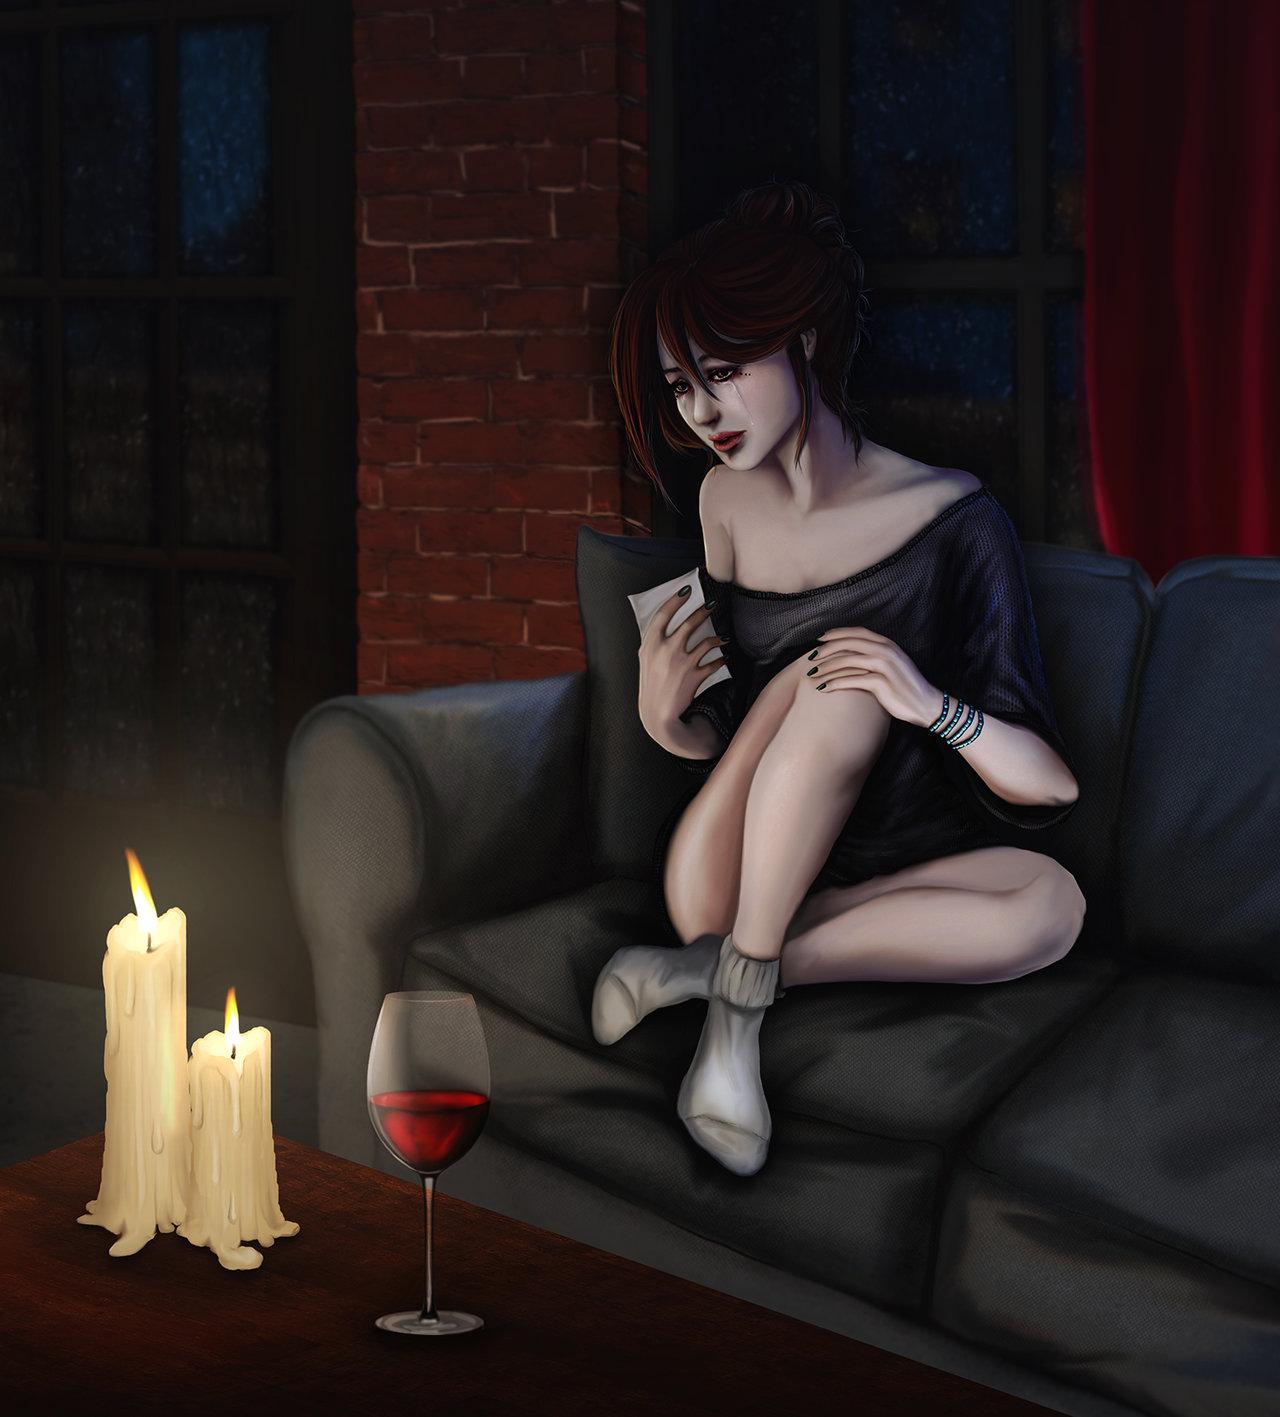 Filler #3 - Sad Izzy